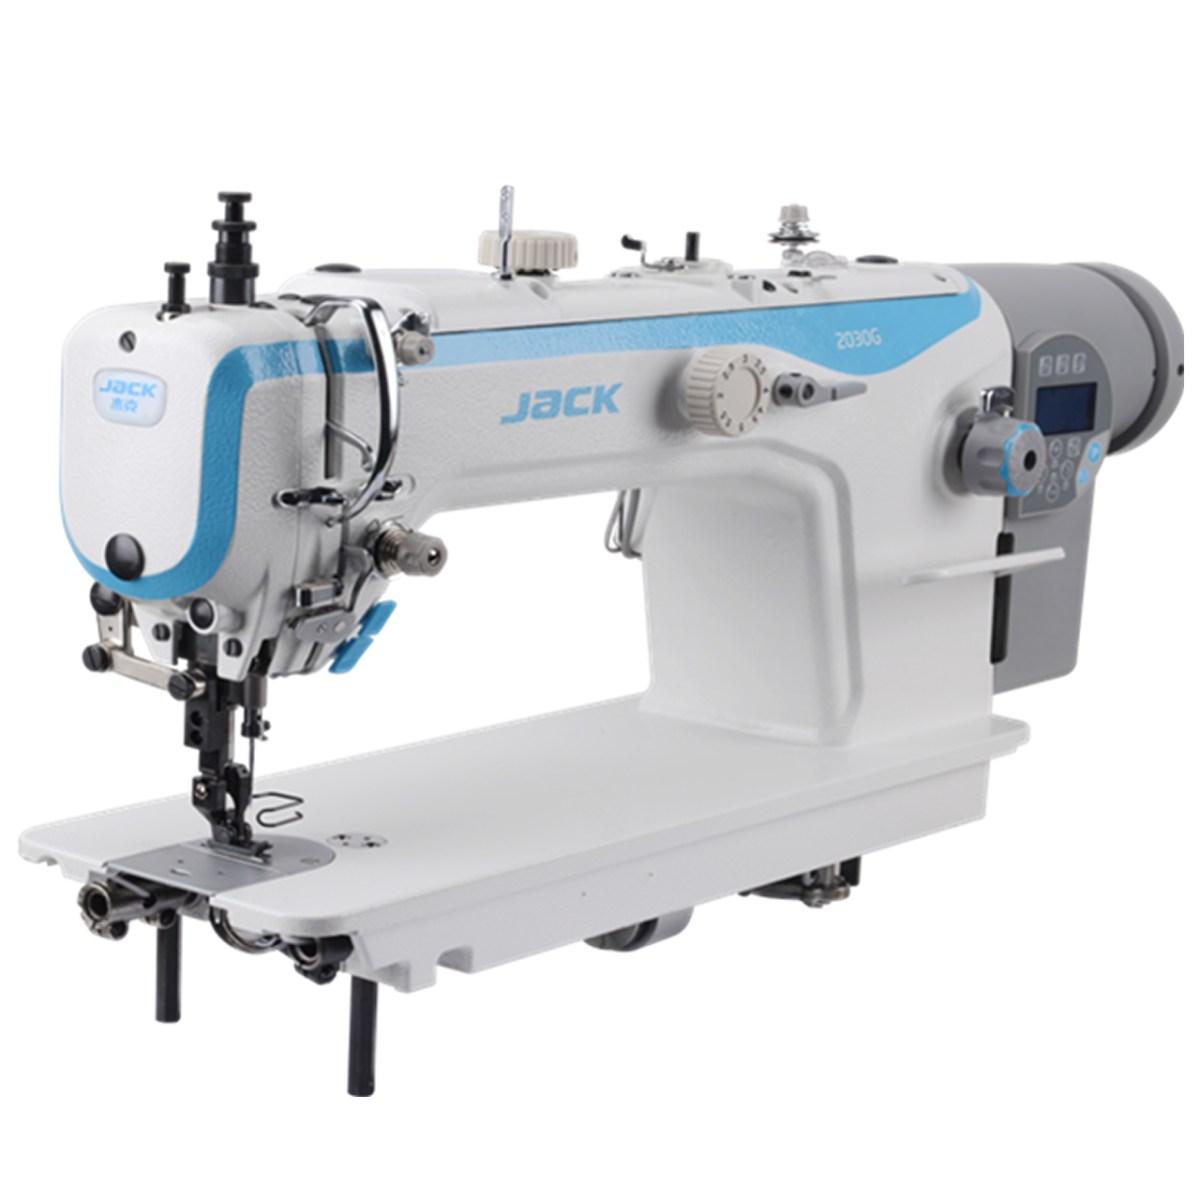 Jack 2030G/2060G – Find Sewing Machine